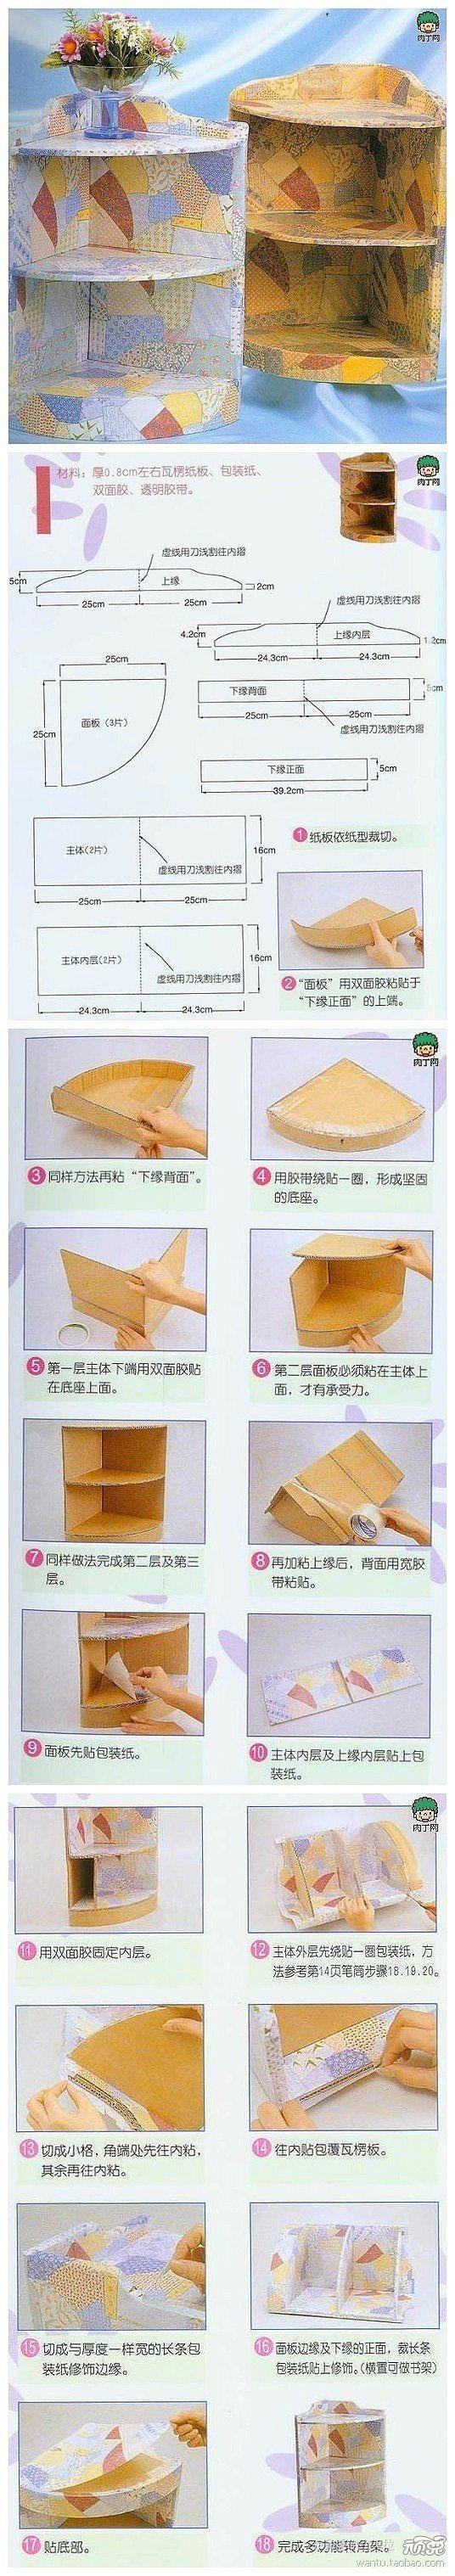 corner shelf - [กล่องกระดาษ变身โอซามุ纳柜]